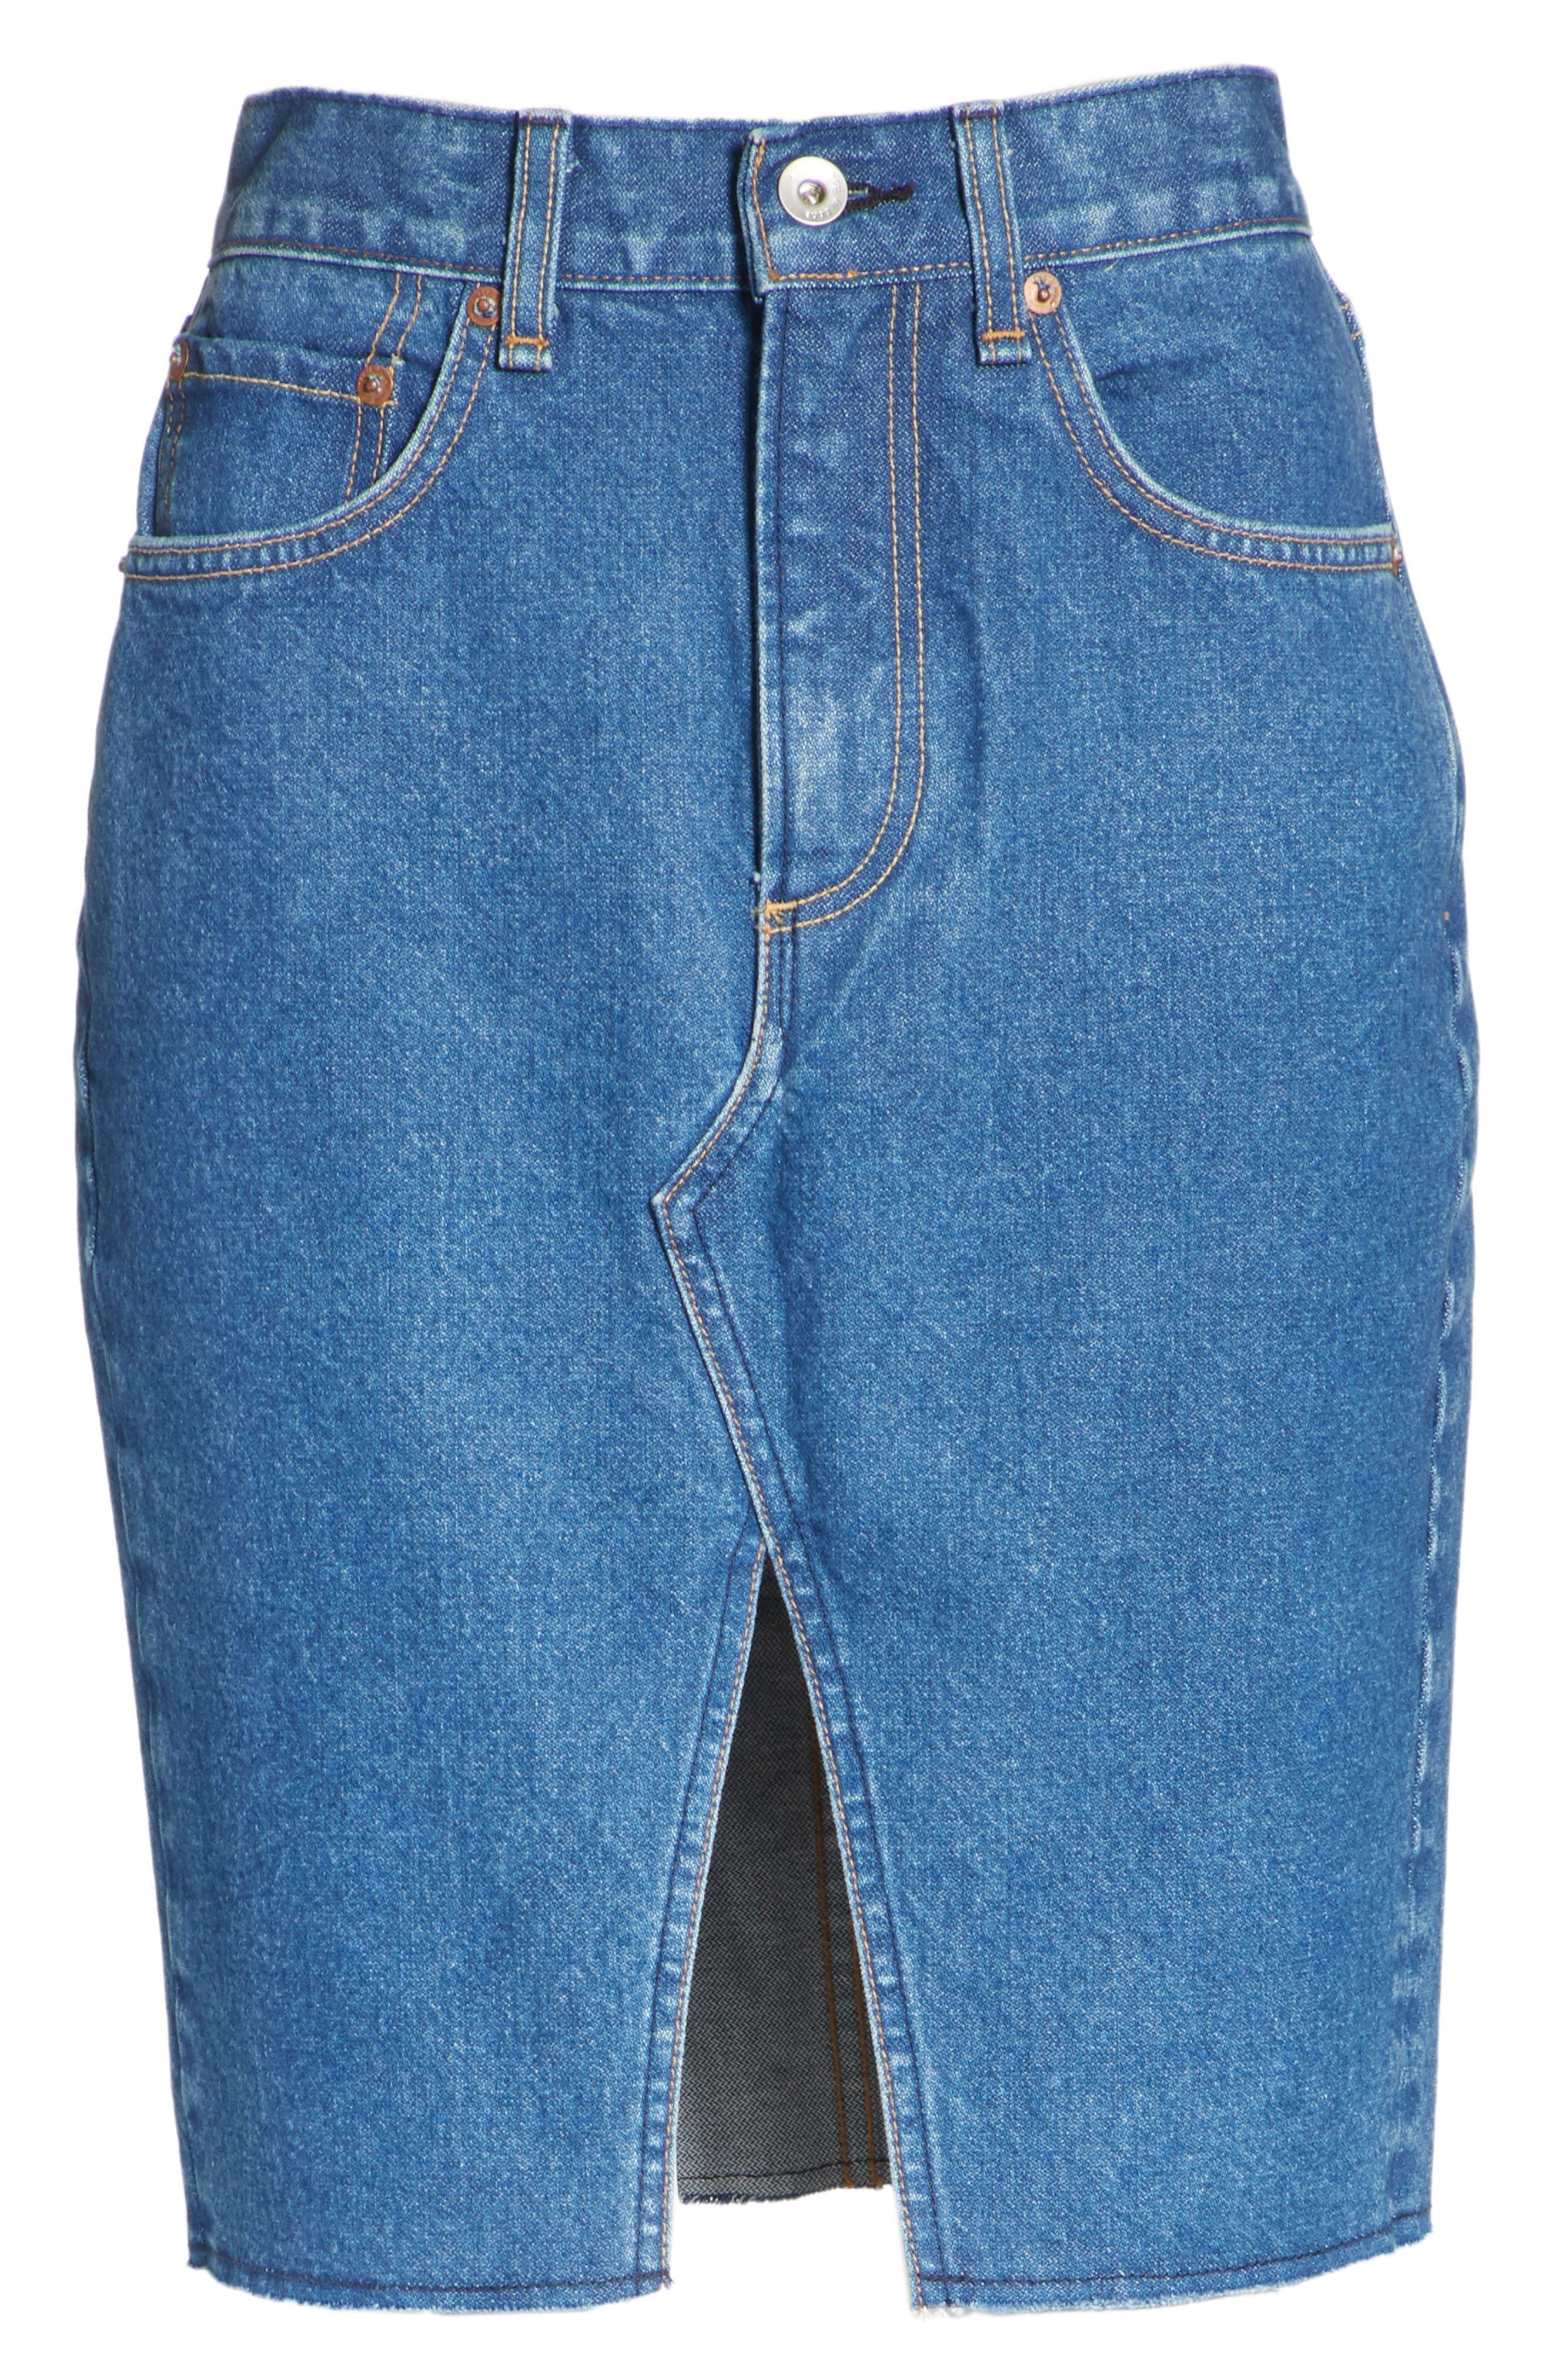 Suji Denim Skirt,                             Alternate thumbnail 6, color,                             401